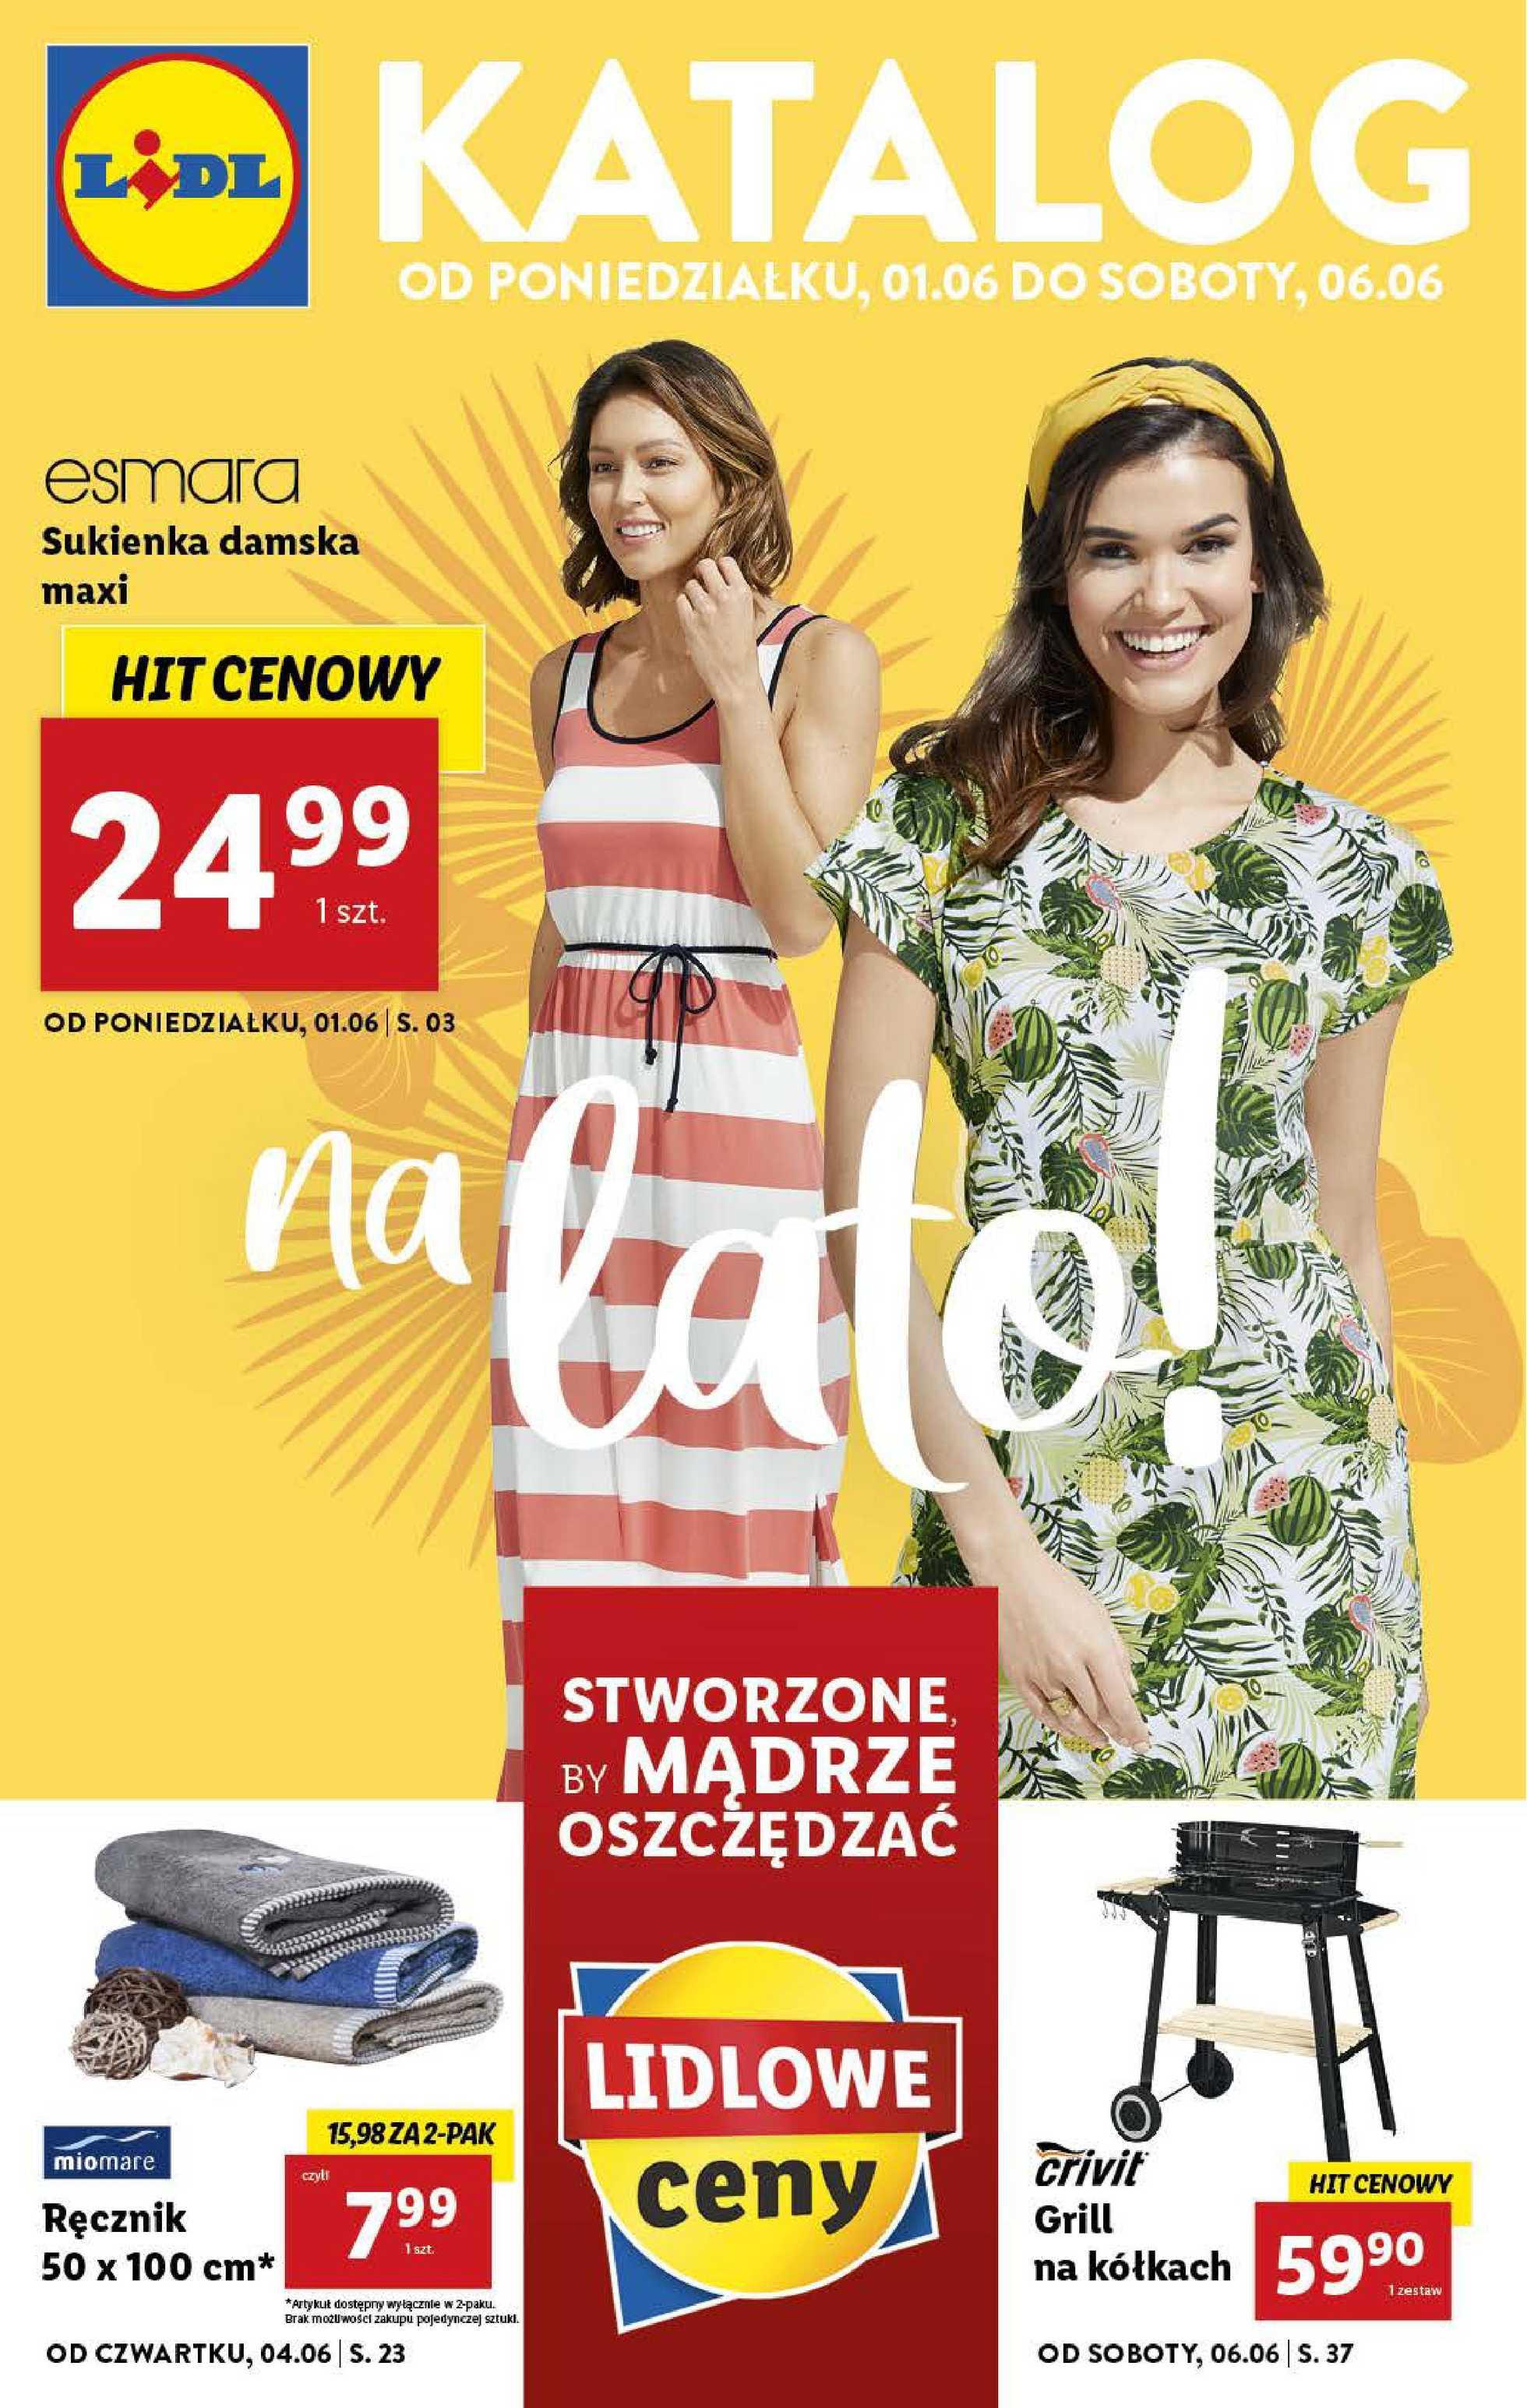 Lidl - gazetka promocyjna ważna od 01.06.2020 do 06.06.2020 - strona 1.